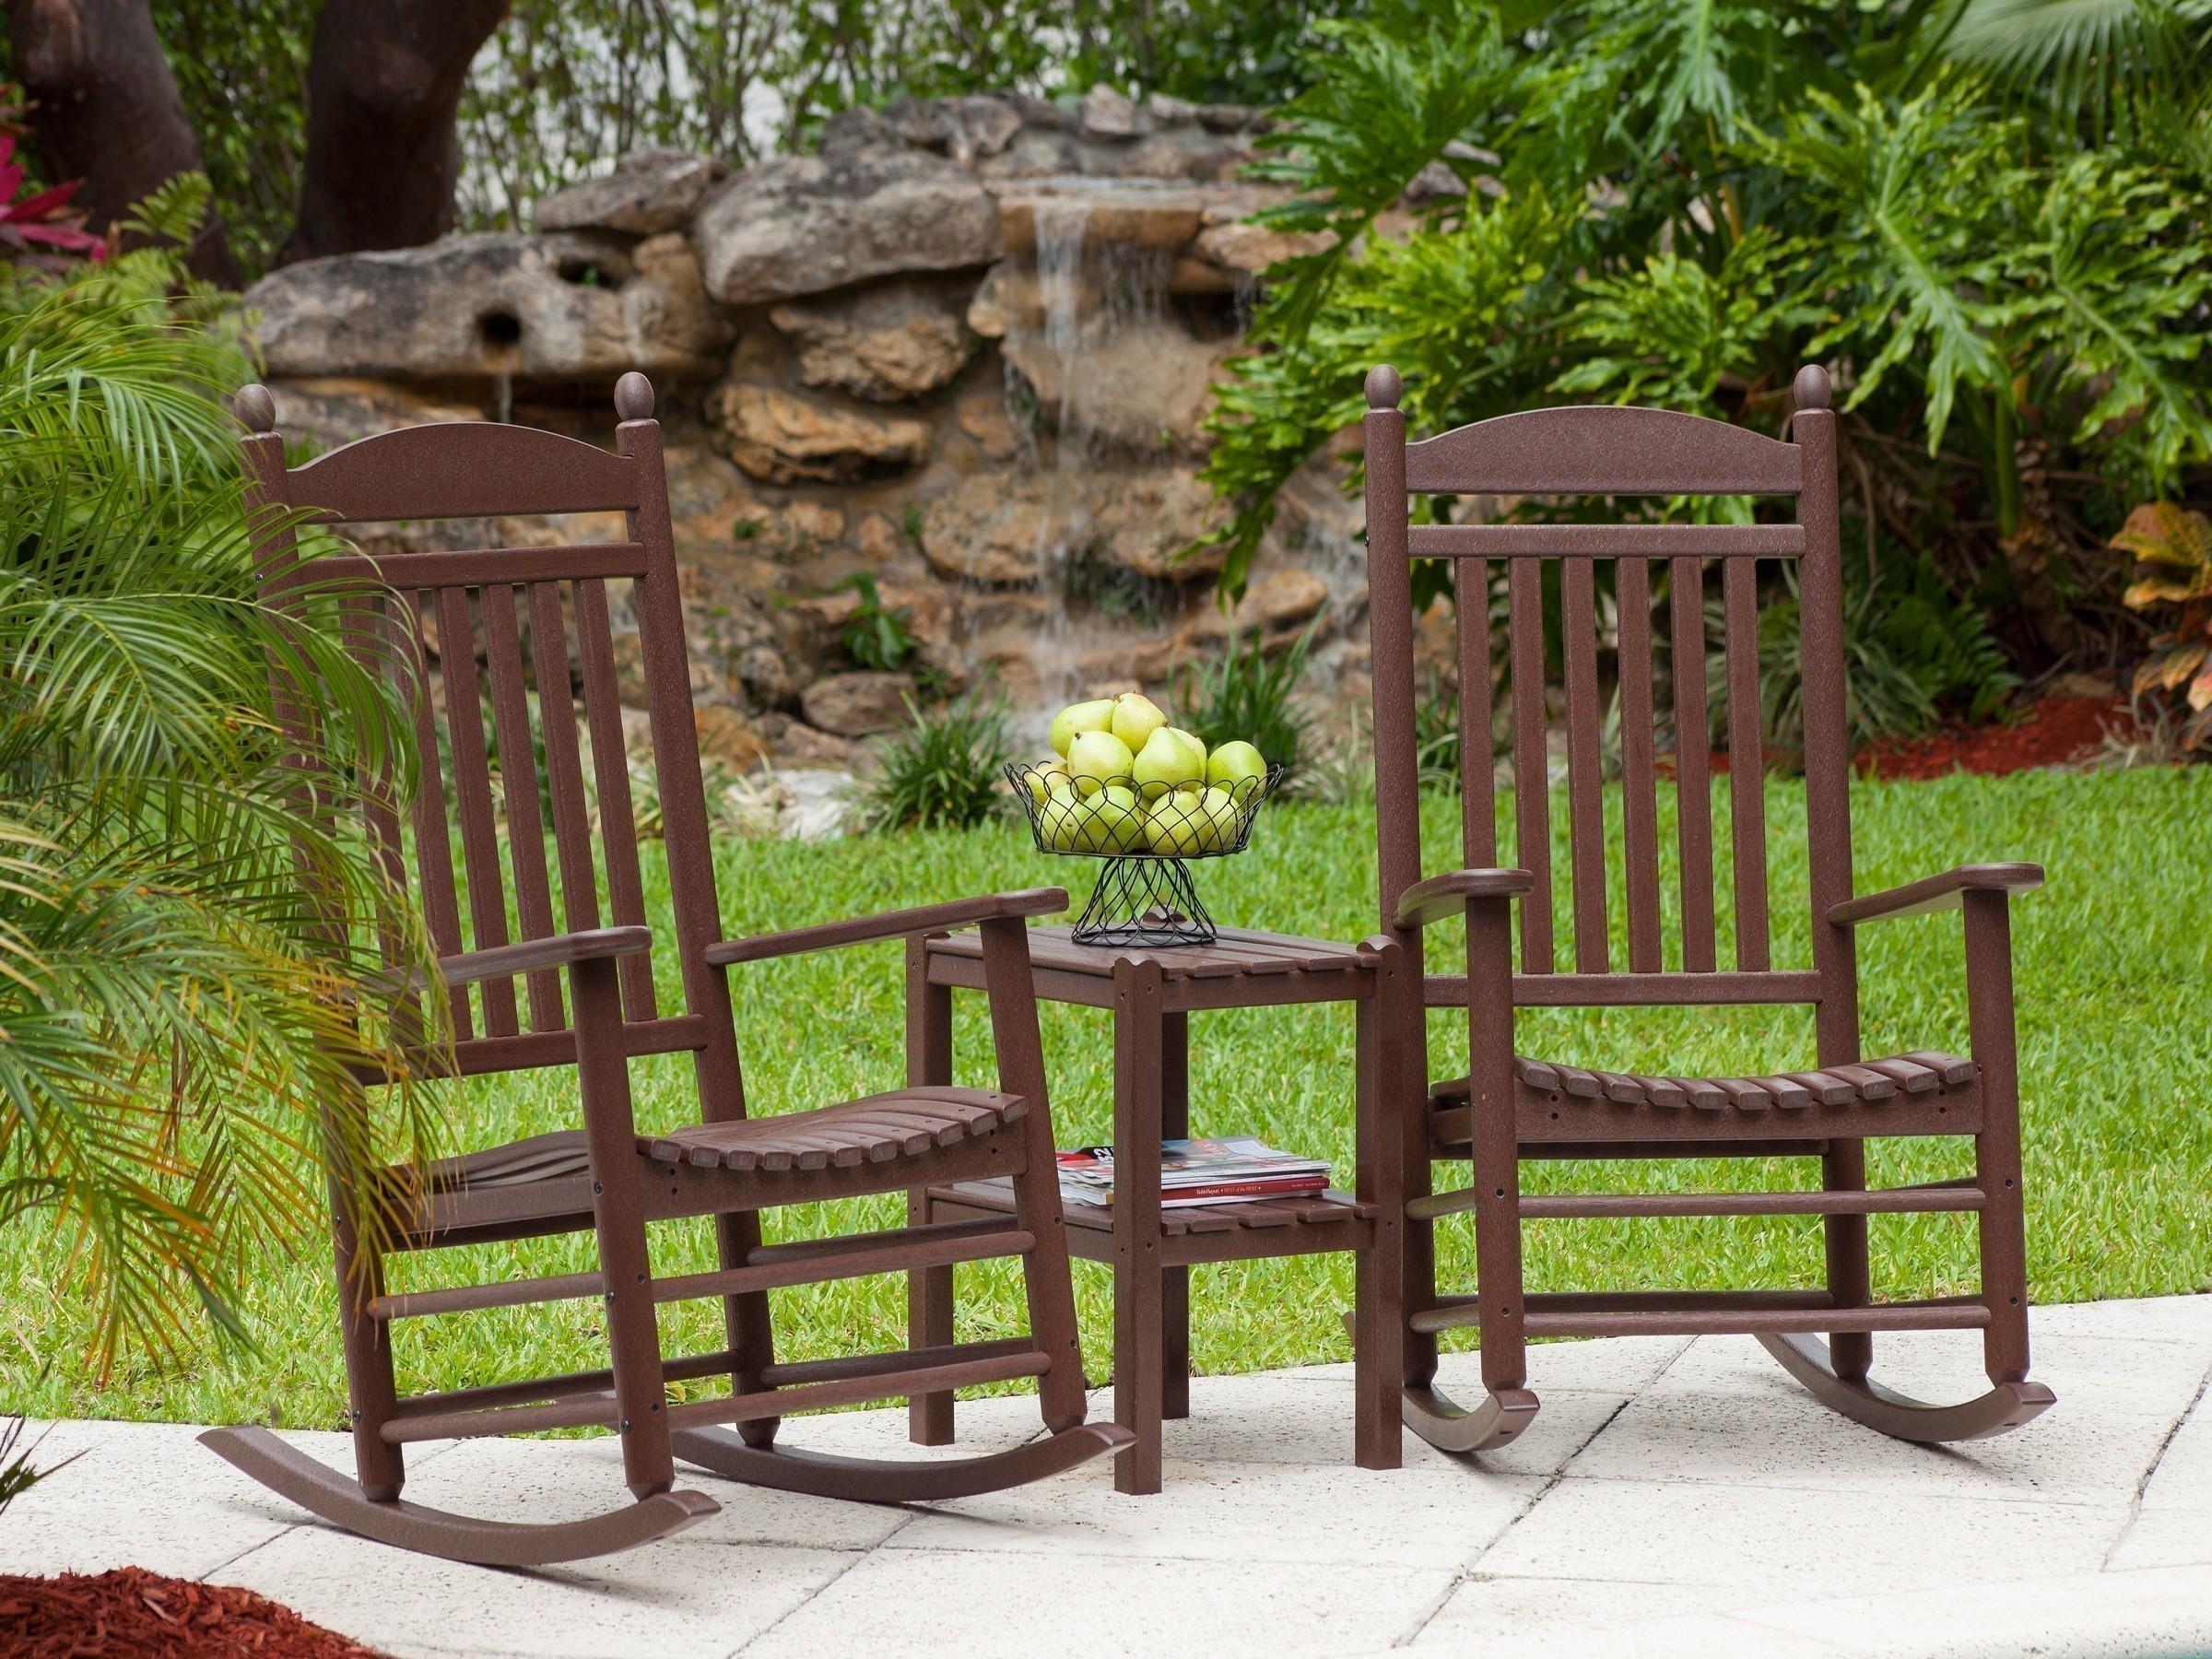 jefferson recycled plastic rocker chair  double side by side rockers